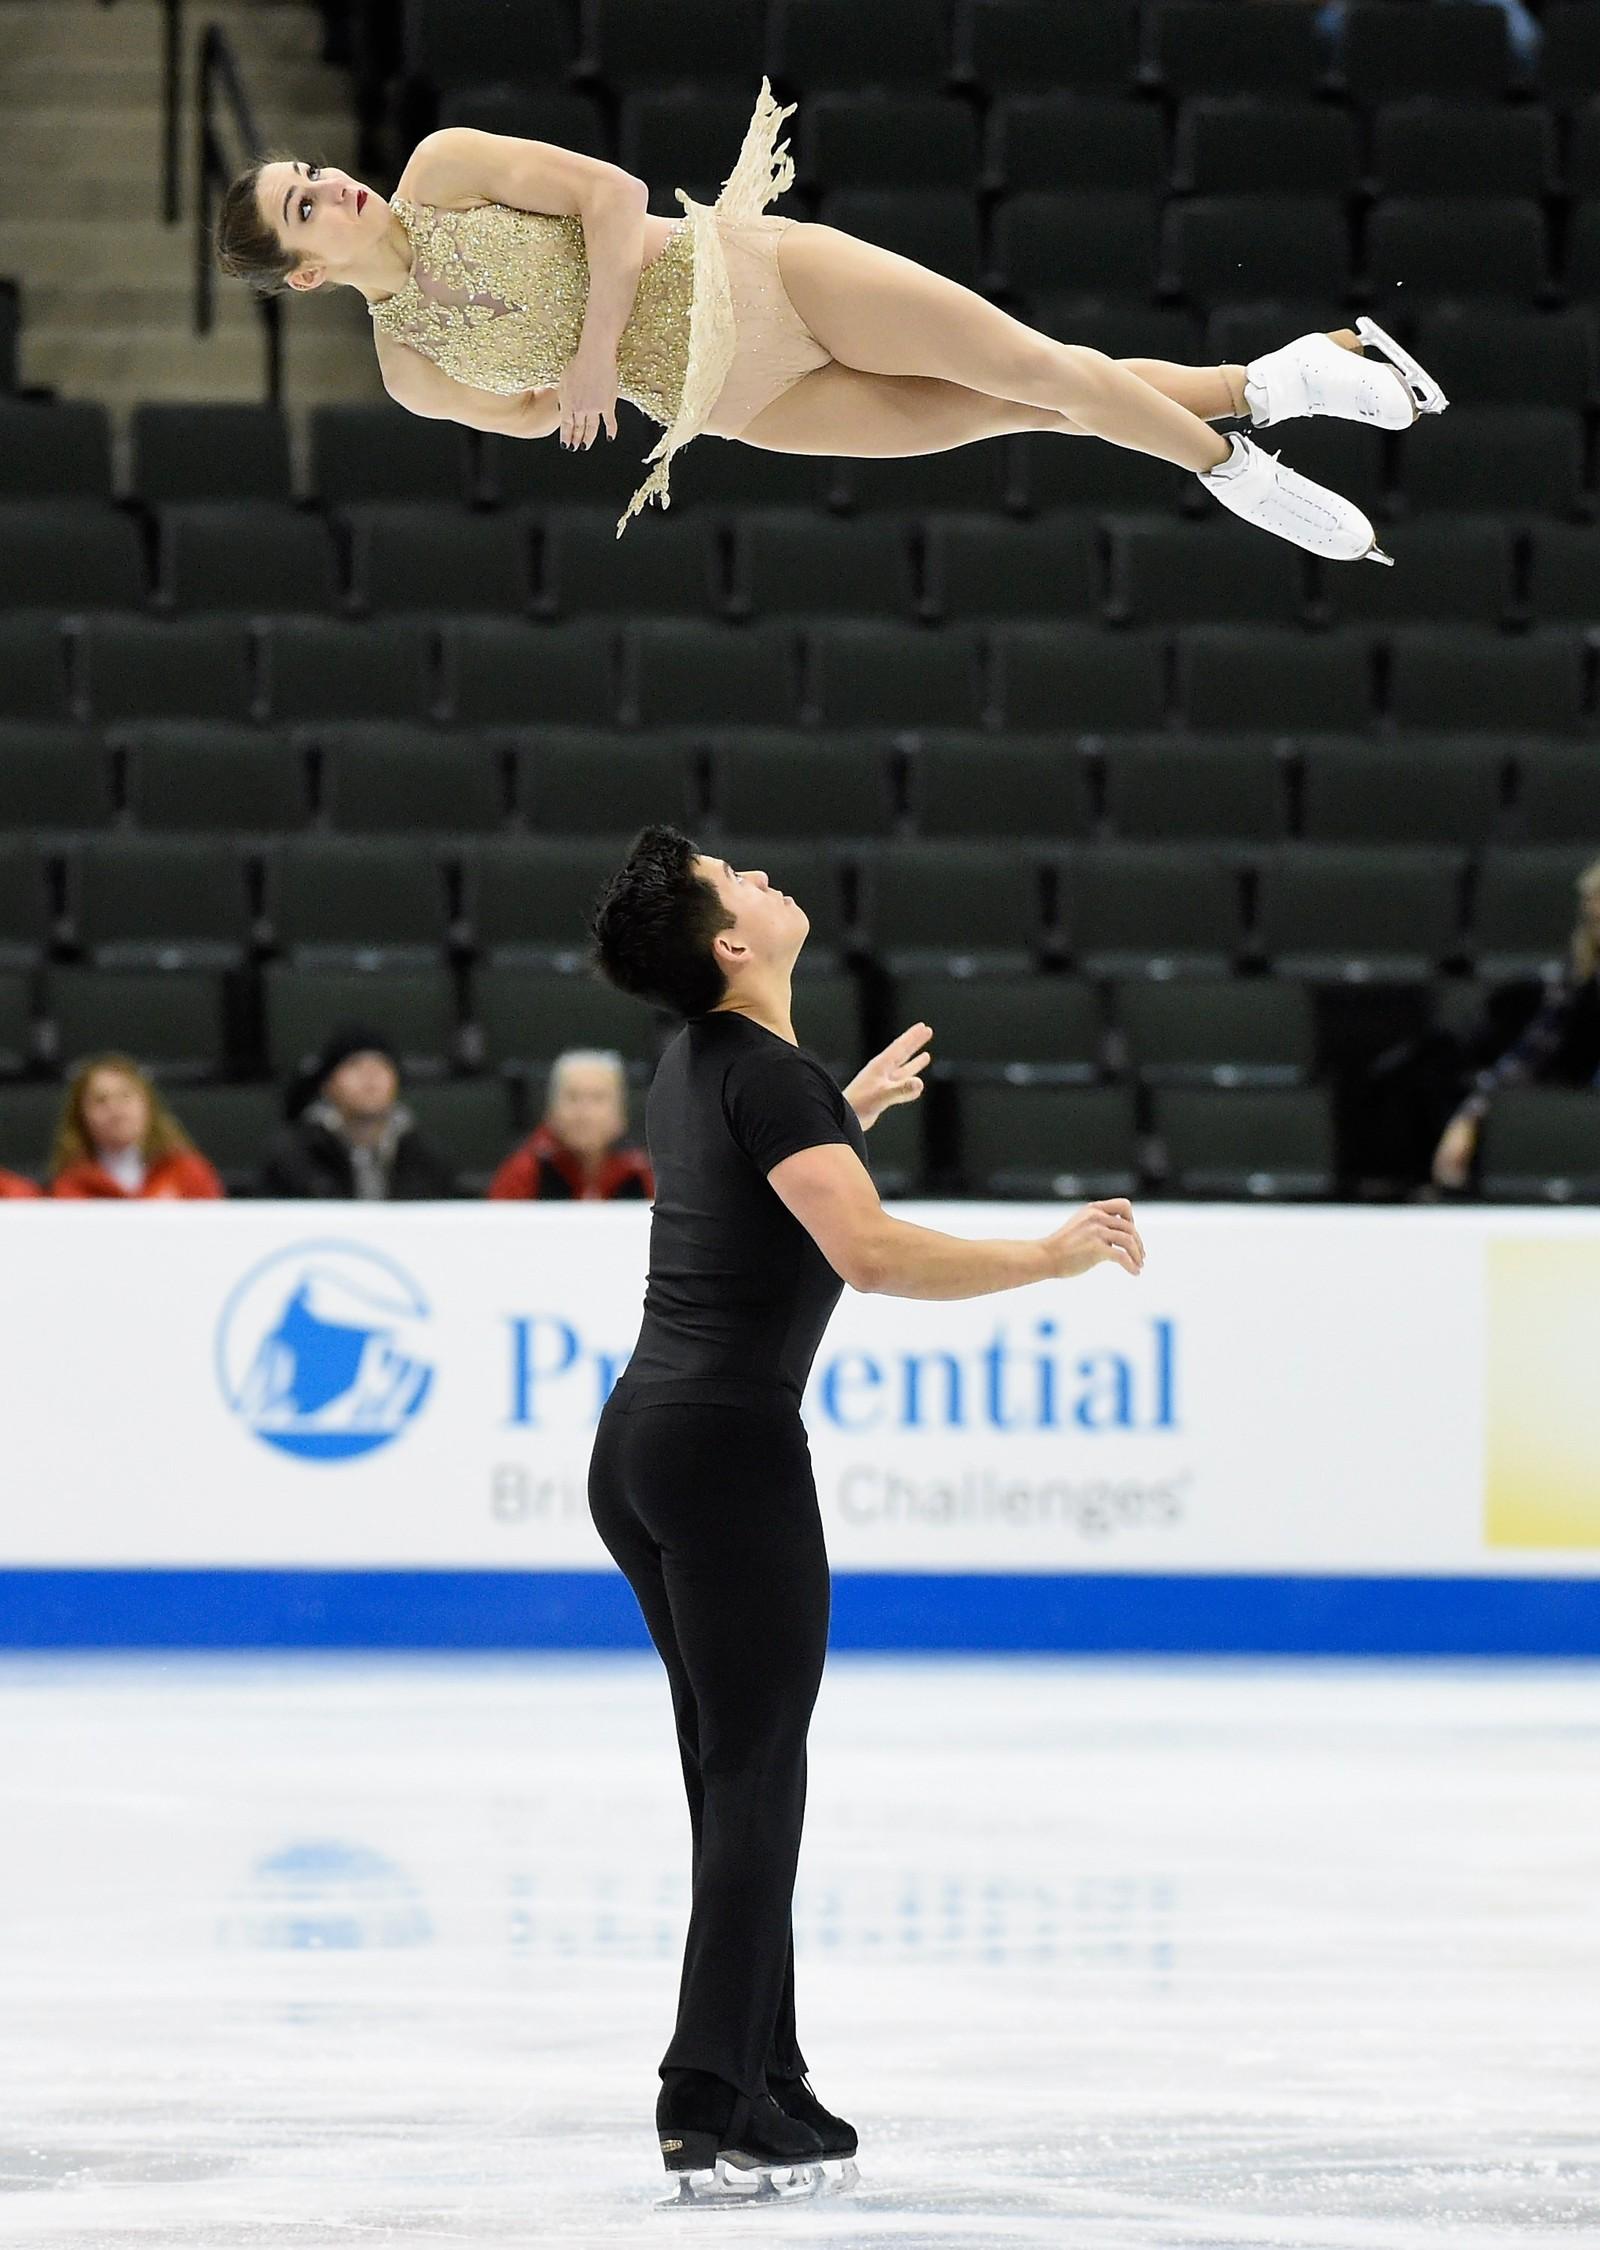 Marissa Castelli og Mervyn Tran snurrer rundt med hverandre i St Paul, Minnesota.